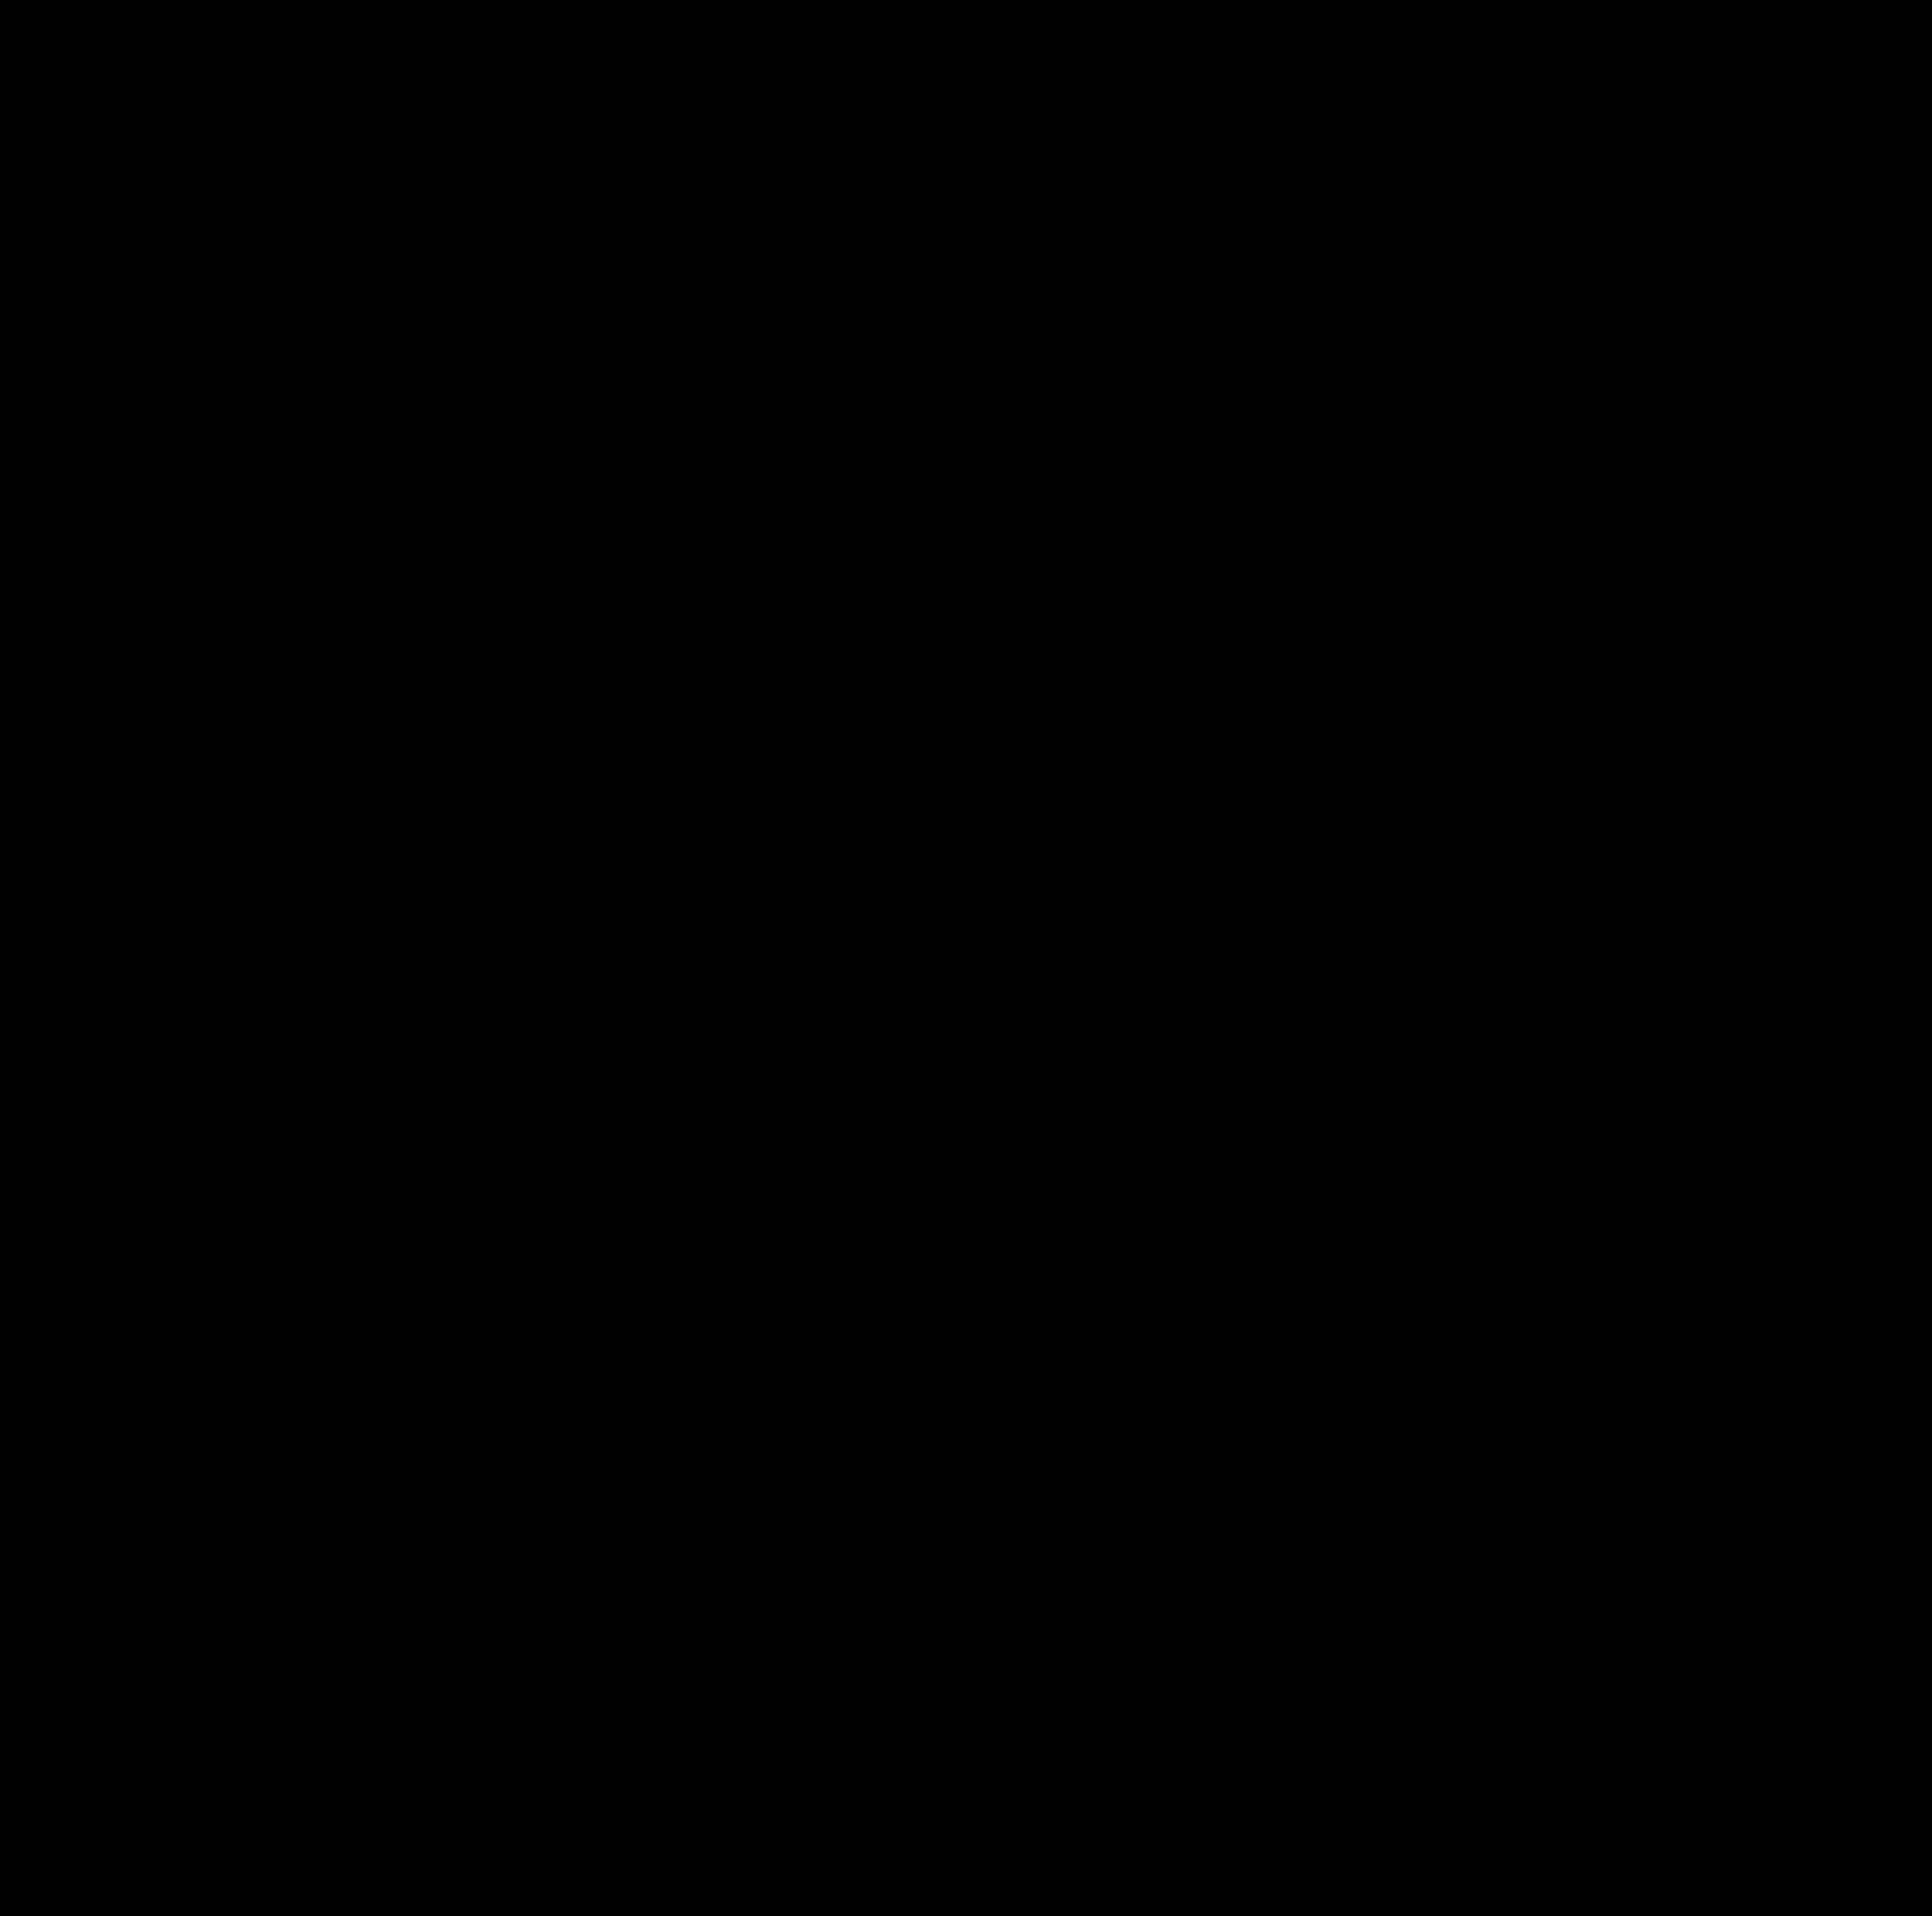 Nebula - Wikipedia